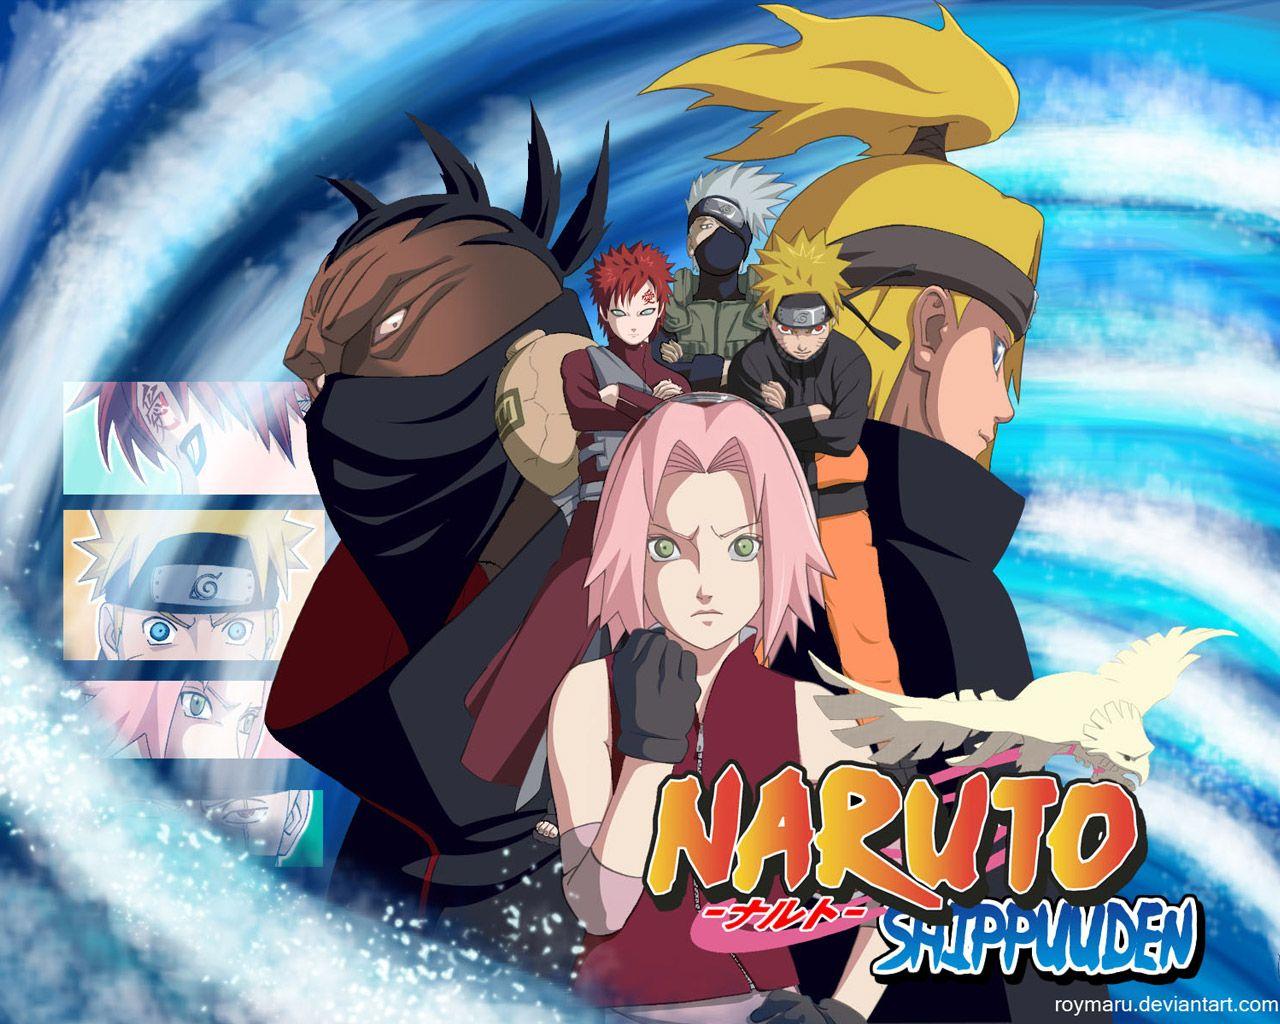 Naruto Wallpaper Naruto Wallpaper Naruto Naruto Shippuden